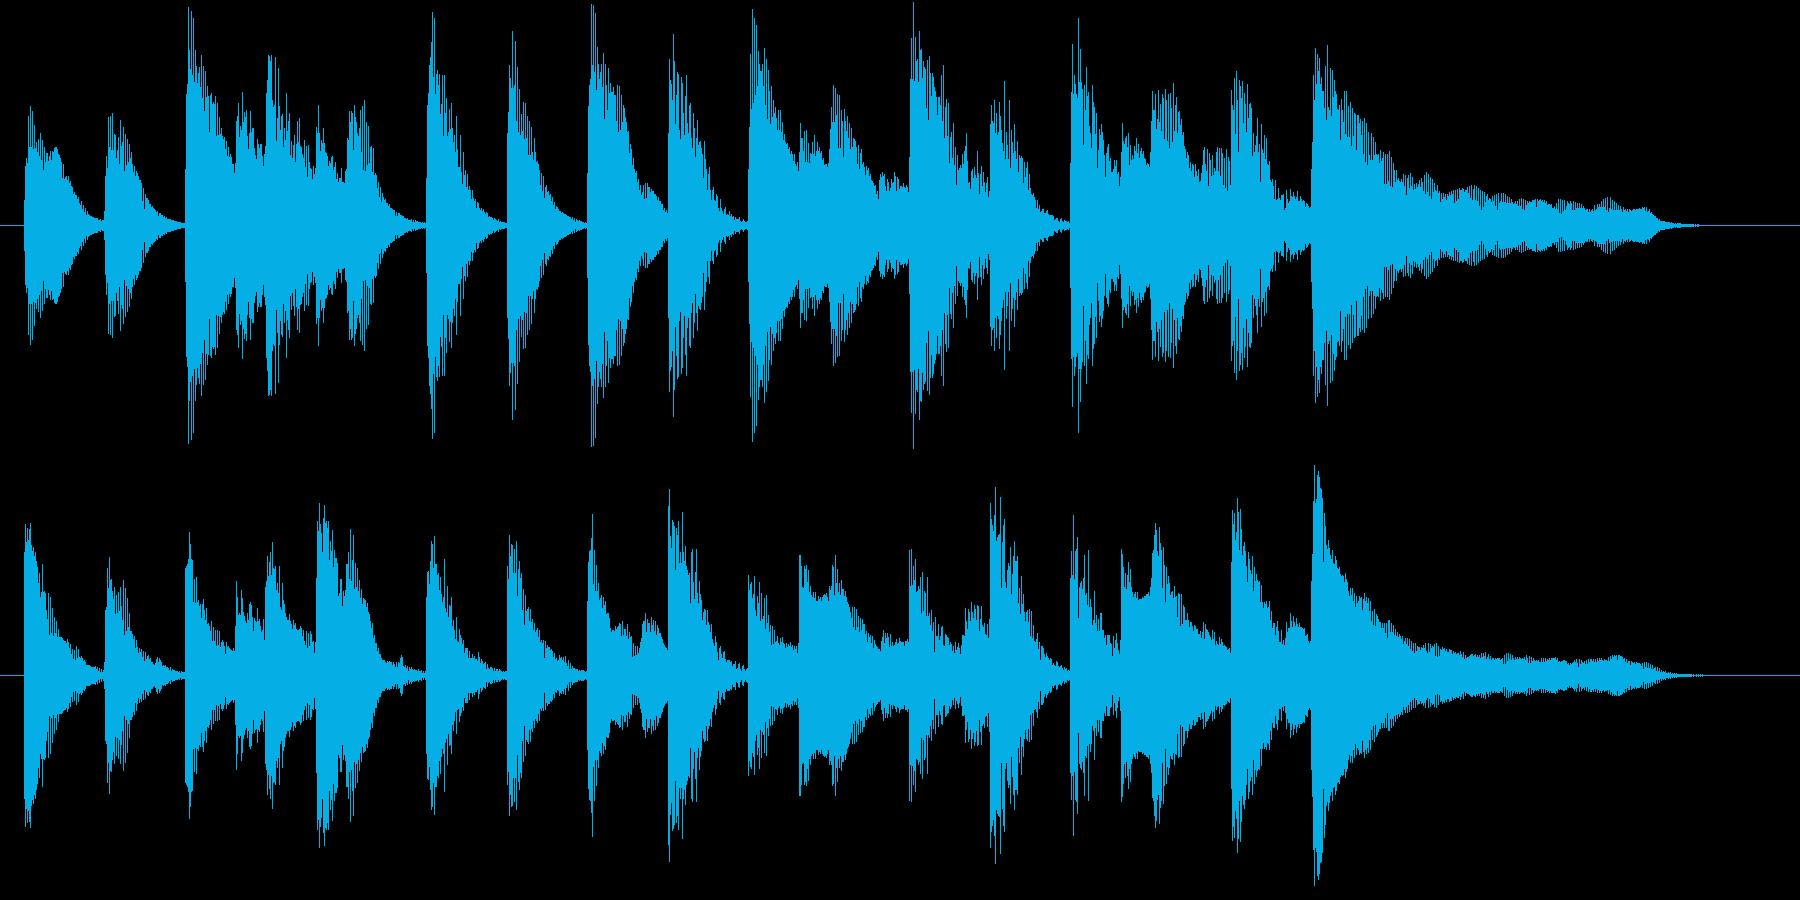 明るく穏やかな、ピアノのメロディ♪の再生済みの波形